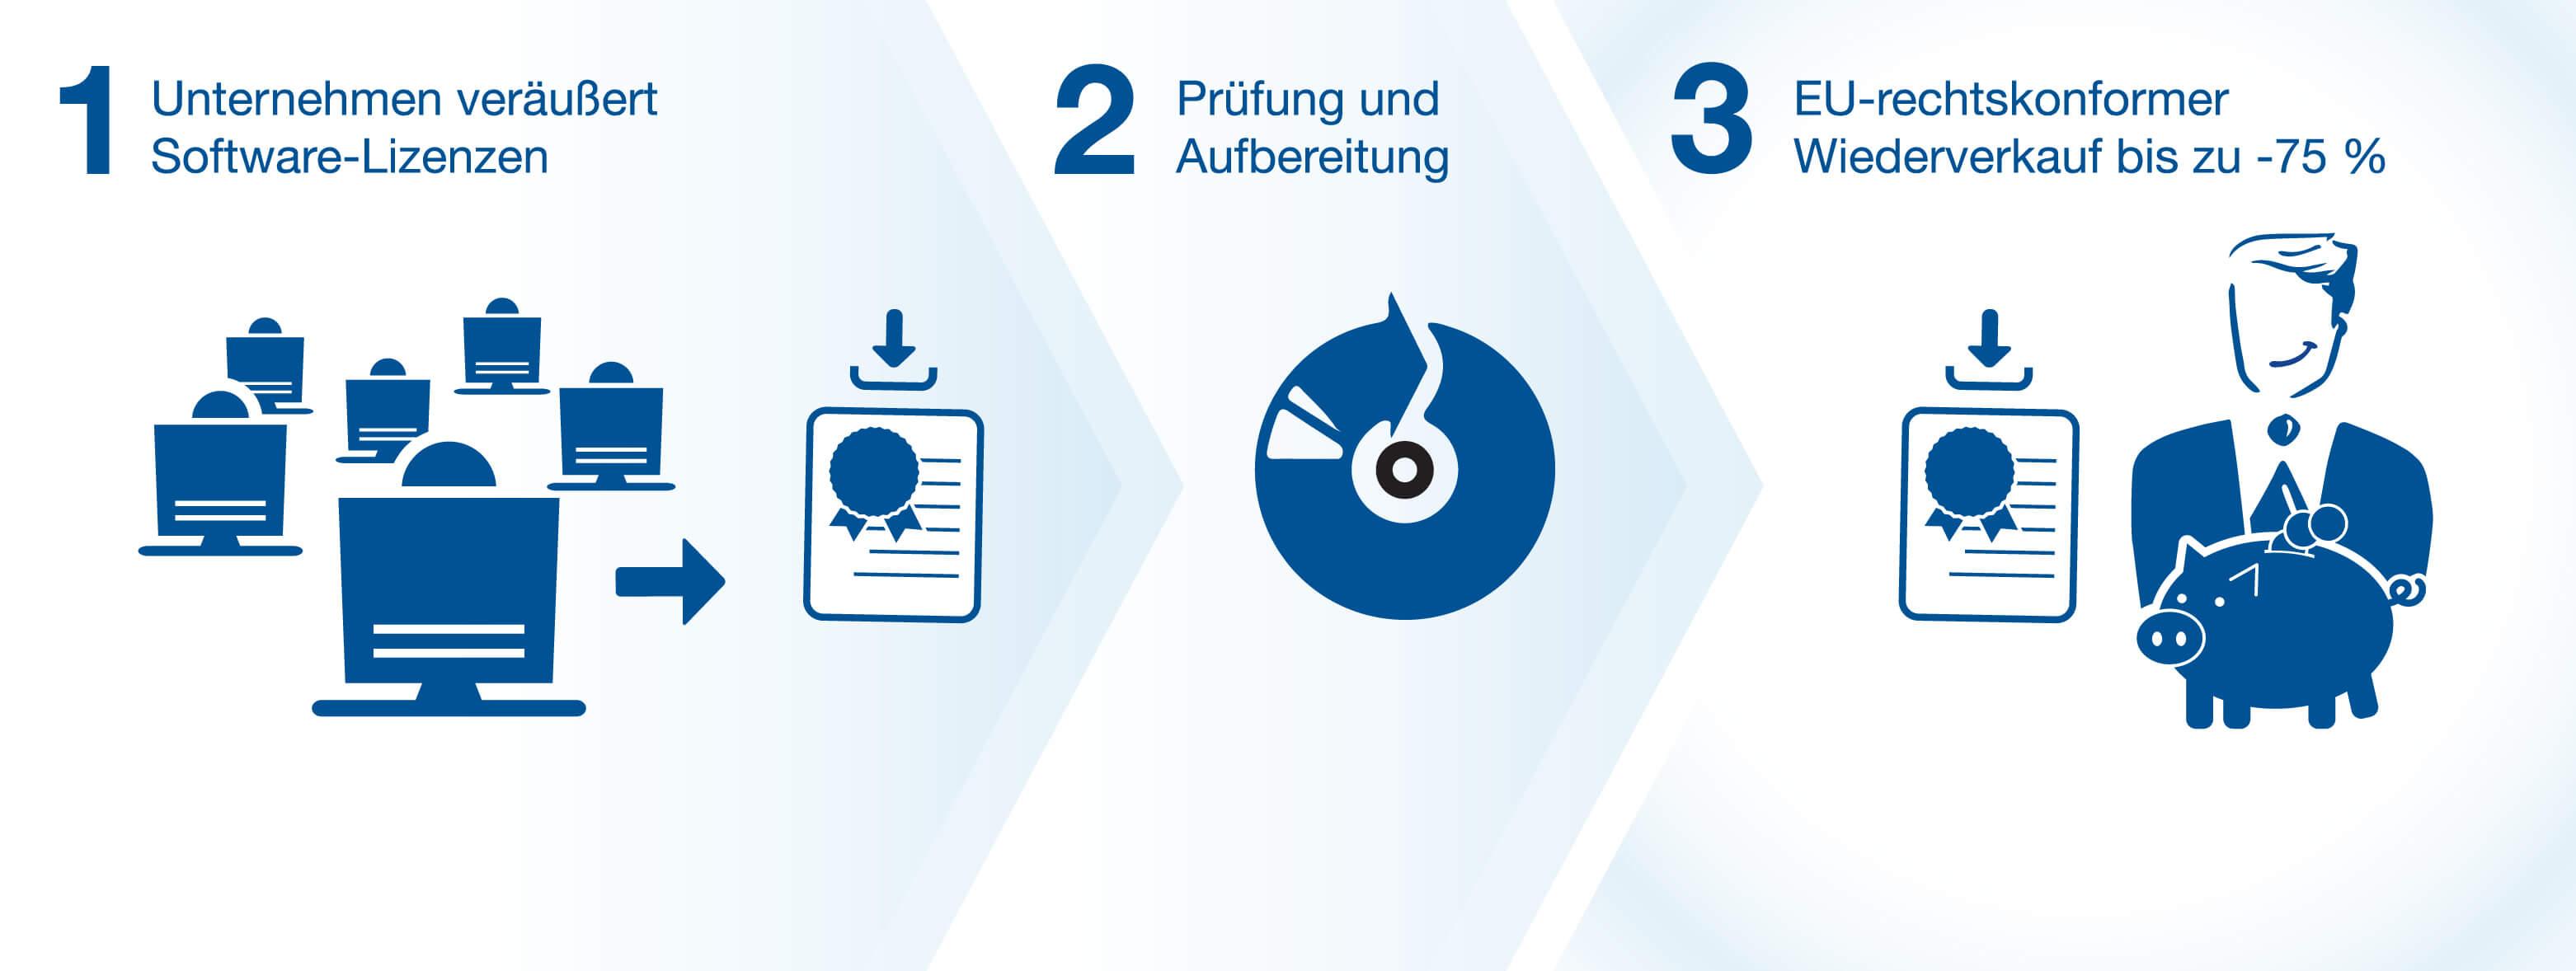 Software ReUse - Lizenzen gebraucht kaufen - Prinzip